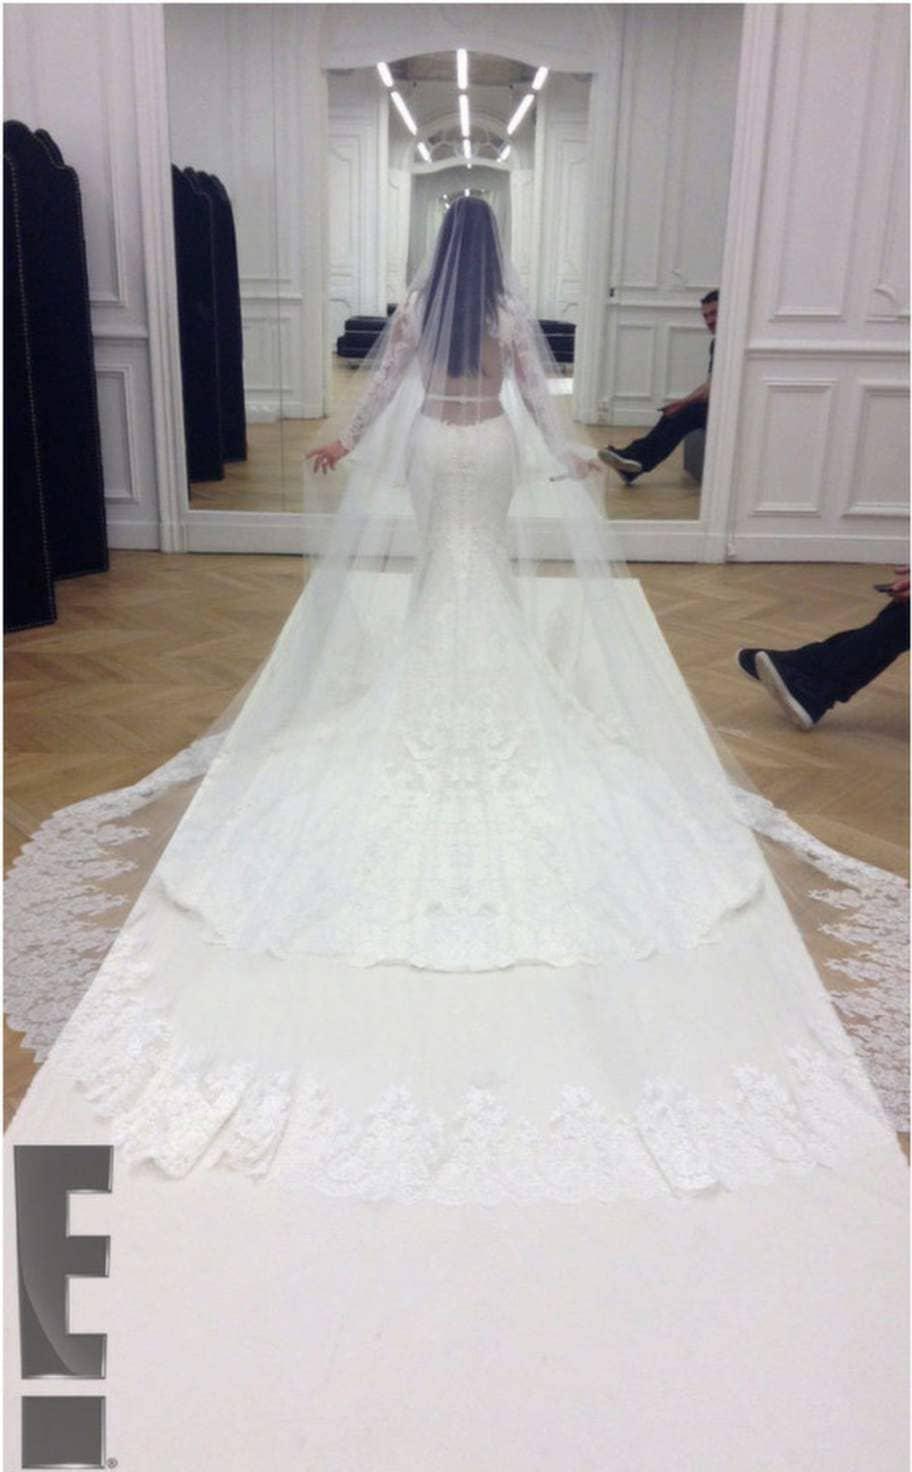 Kim Kardashian i klännningen som hon i lördags sa Ja! i. En spetsdröm i vitt med sidenslöja i maxilängd. Designern Riccardo Tisci har gjort denna Givenchy Haute Couture-klänning till Kims stora dag. Läs mer på EOnline. Foto: EOnline